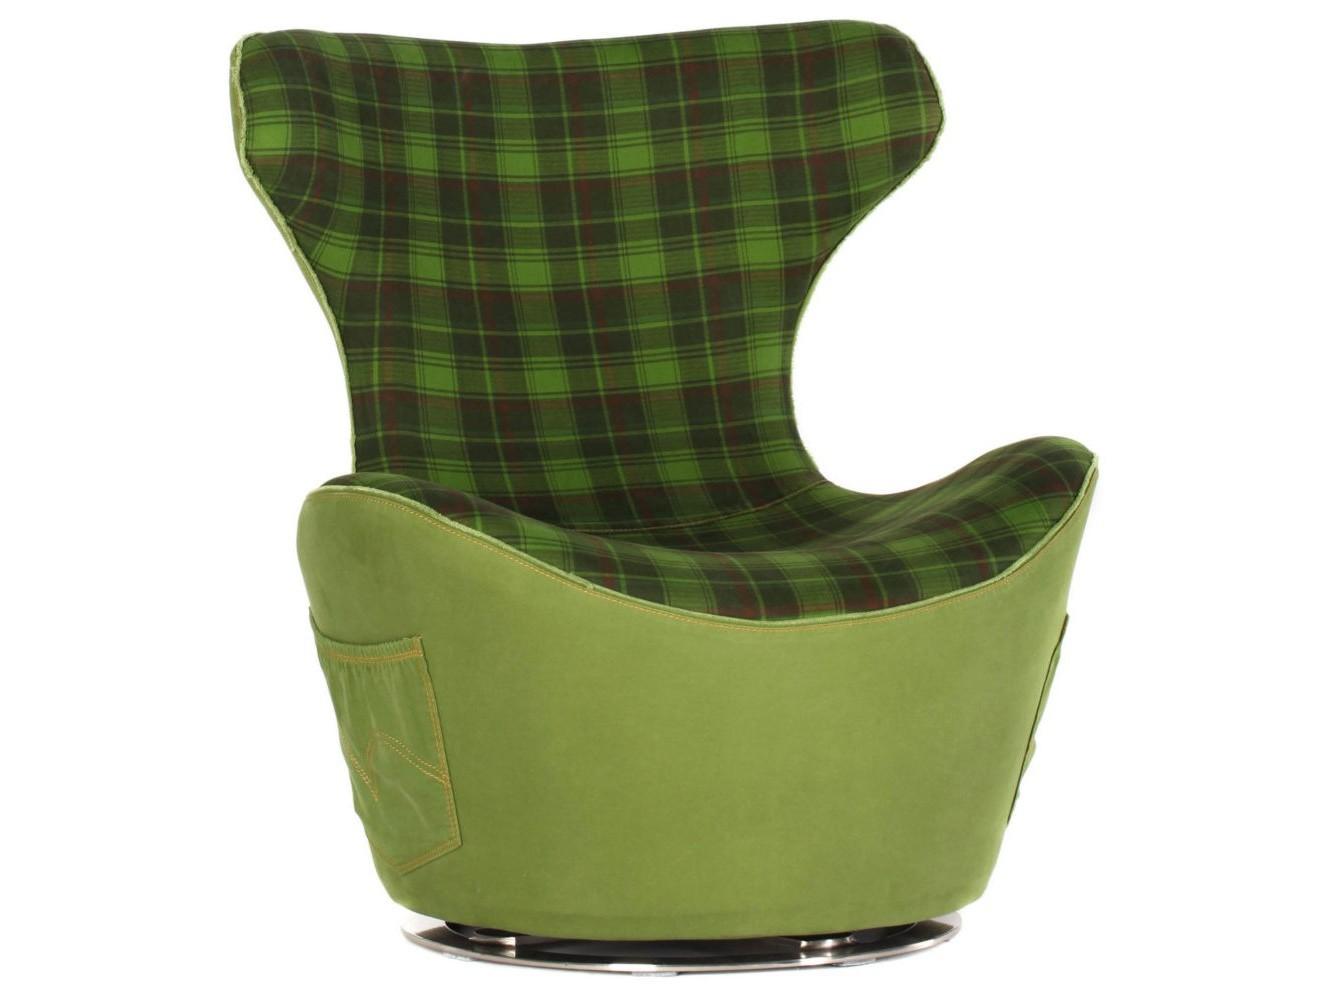 КреслоИнтерьерные кресла<br><br><br>Material: Текстиль<br>Length см: None<br>Width см: 75<br>Depth см: 74<br>Height см: 83